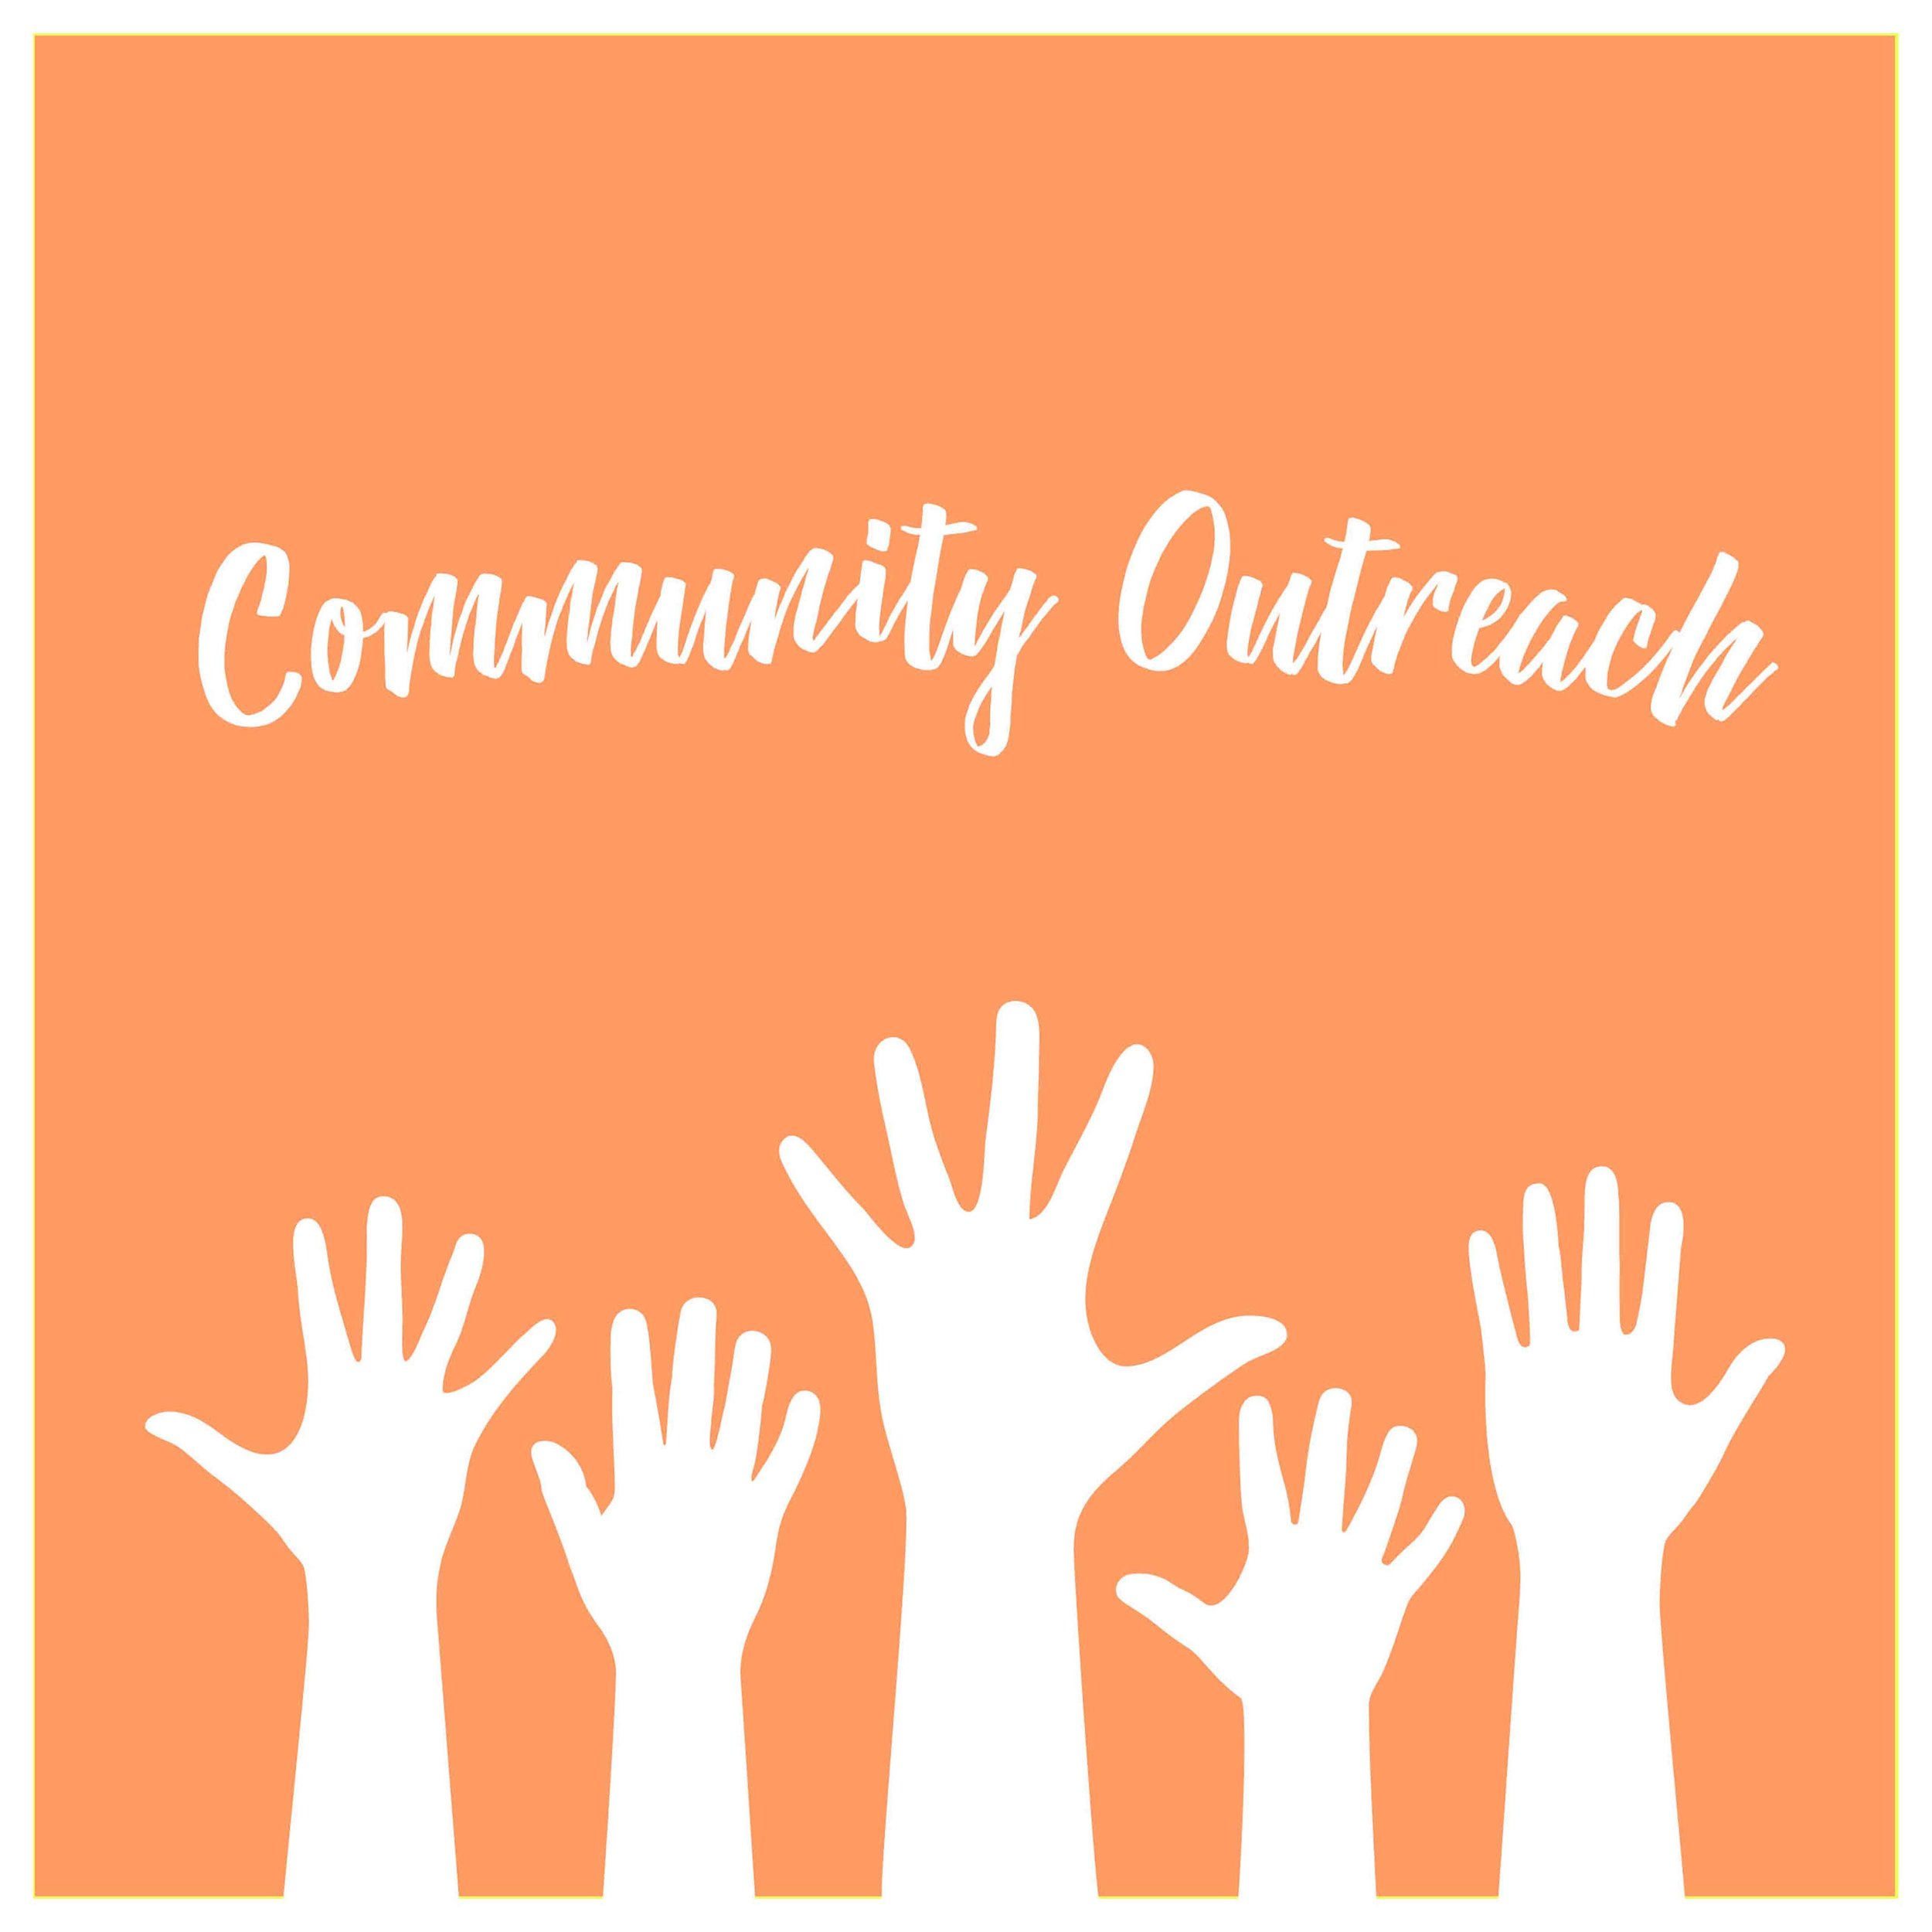 Community Outreach copy.jpg